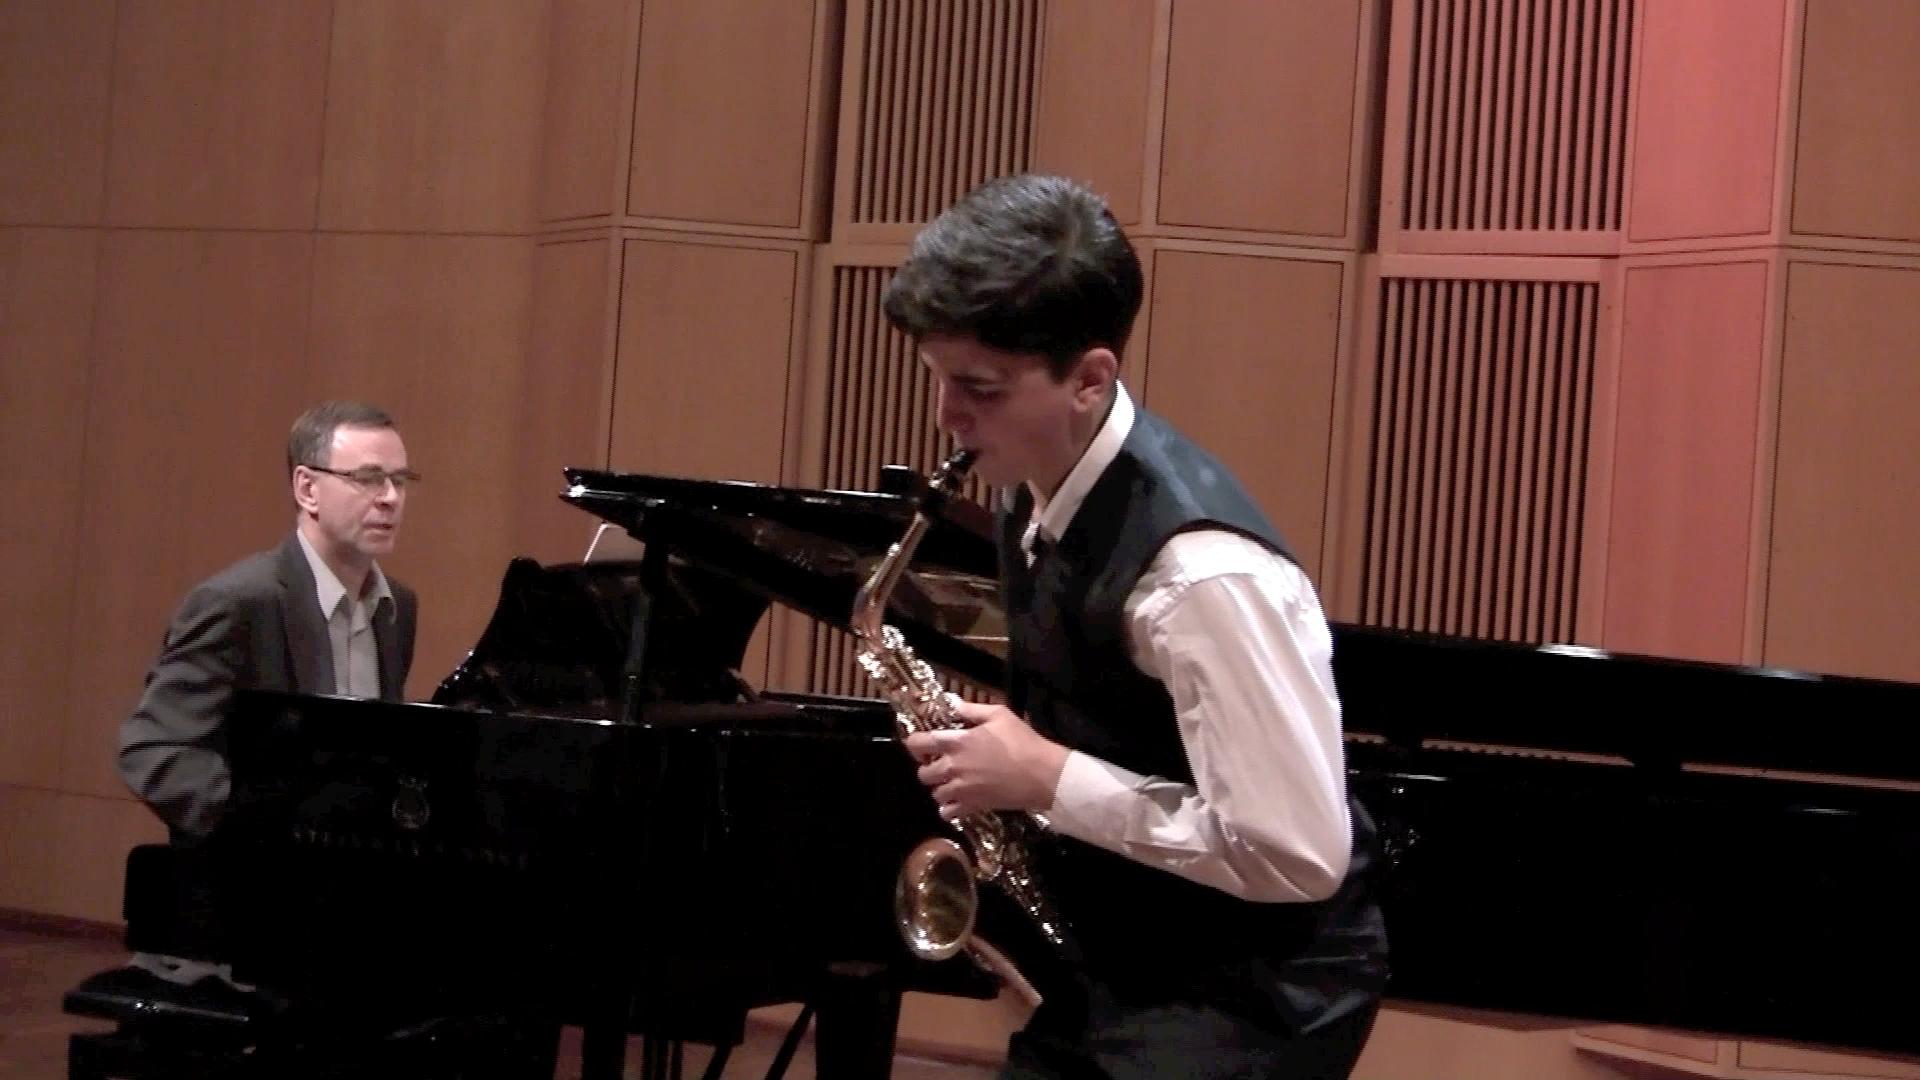 Concertino da Camera 2.sats, av Jaques Ibert, nov. 2012, pianist: Per Arne Frantzen